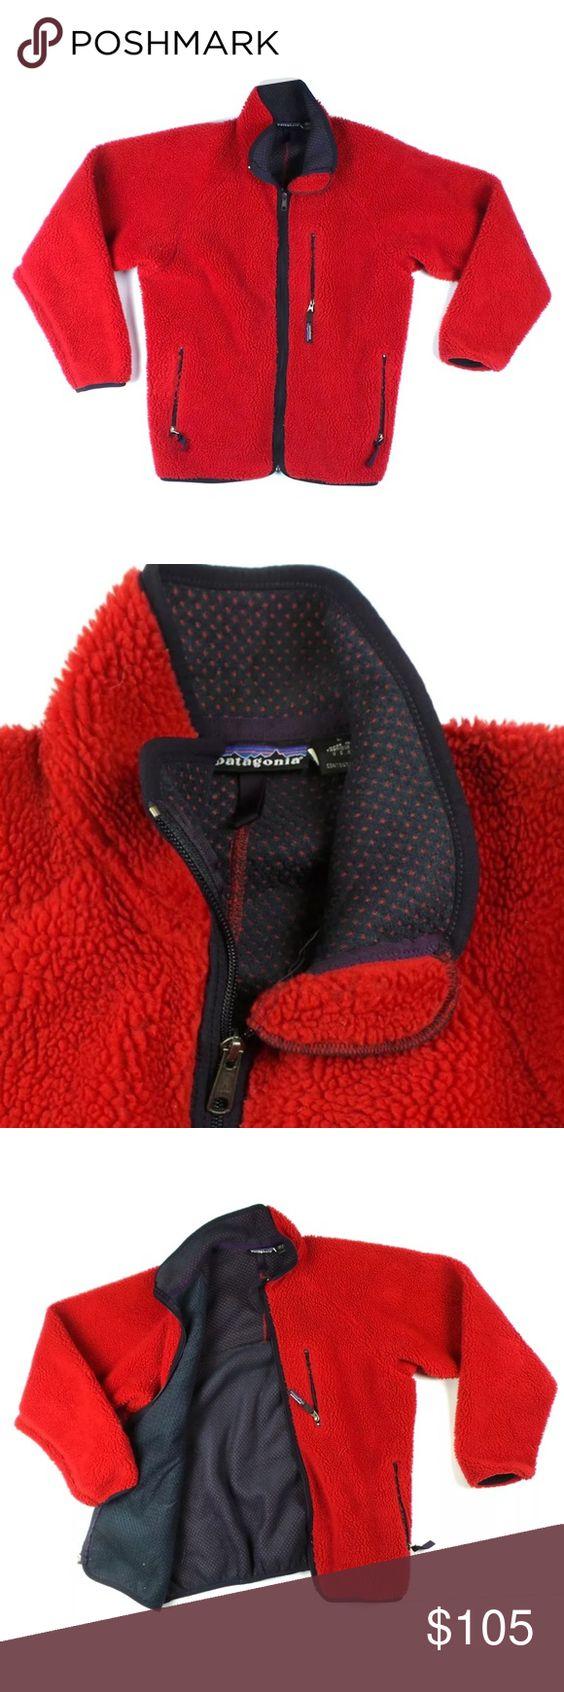 PATAGONIA Full Zip Red Fleece Jacket L | Coats, Patagonia jacket ...